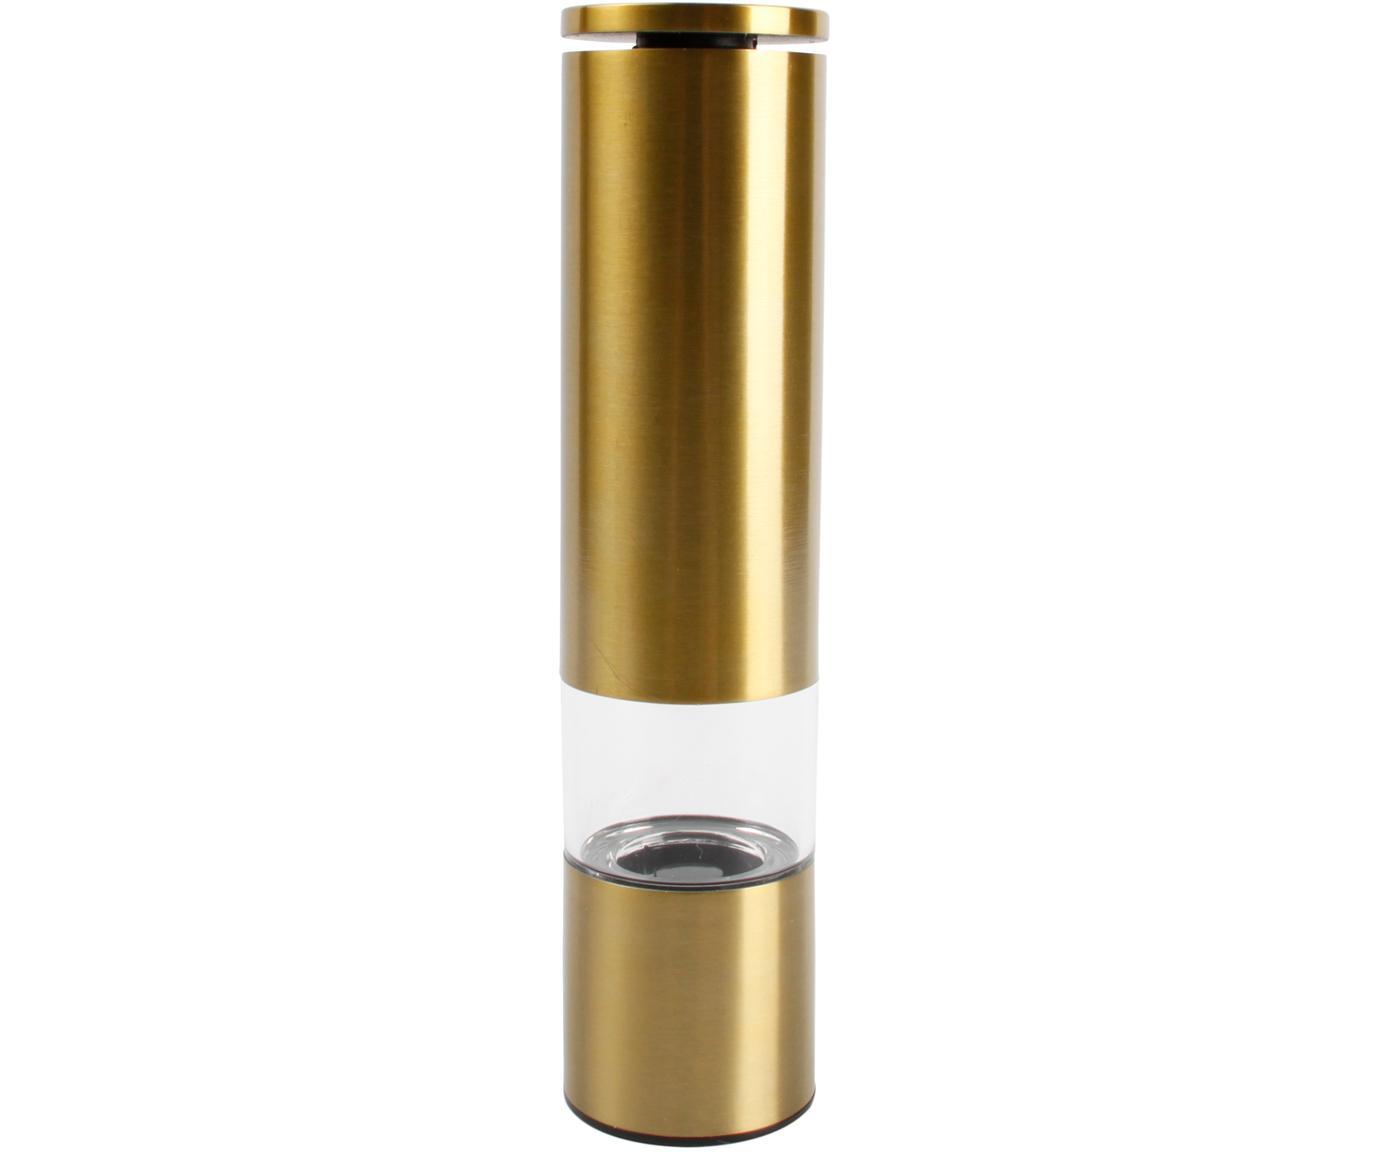 Gewürzmühle Sheda in Gold, Korpus: Acrylglas, Edelstahl, bes, Mahlwerk: Keramik, Kunststoff, Messingfarben, Ø 5 x H 22 cm